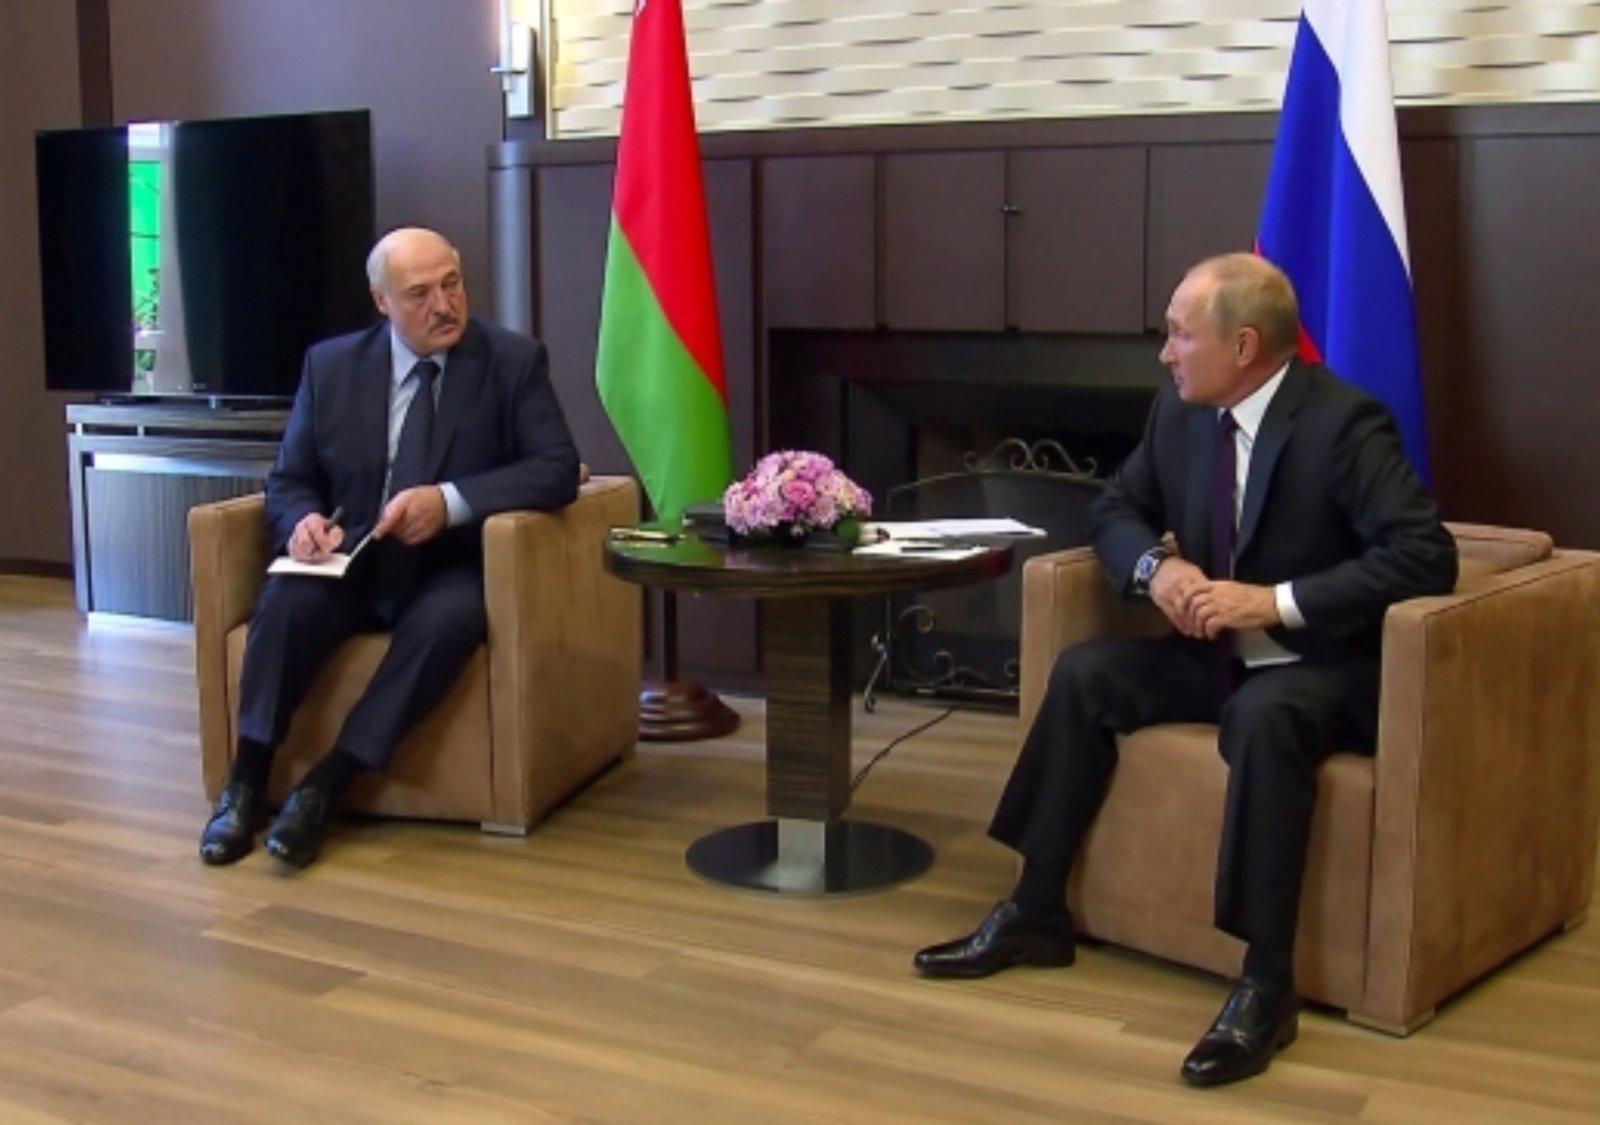 Tvyrant Vakarų pasipiktinimui dėl lėktuvo nukreipimo V. Putinas Sočyje priėmė A. Lukašenką